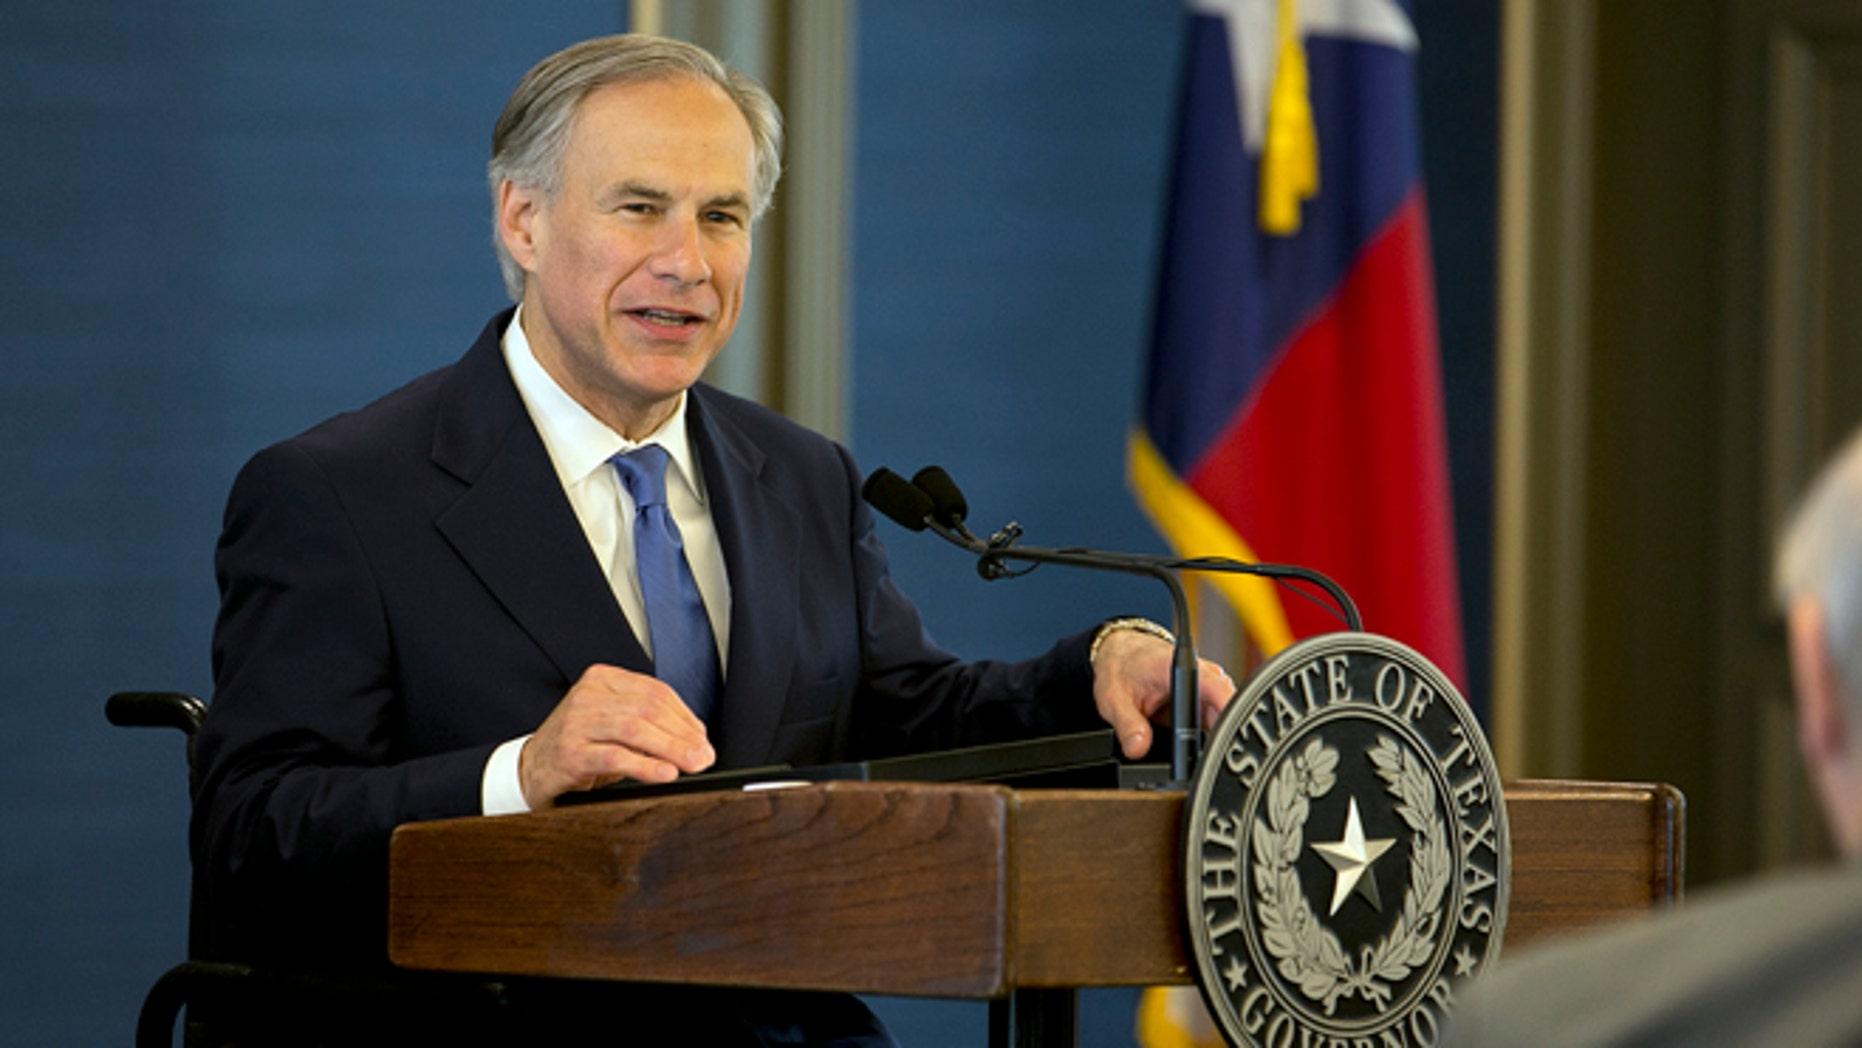 April 21, 2015: Texas Gov. Greg Abbott speaks in Austin.